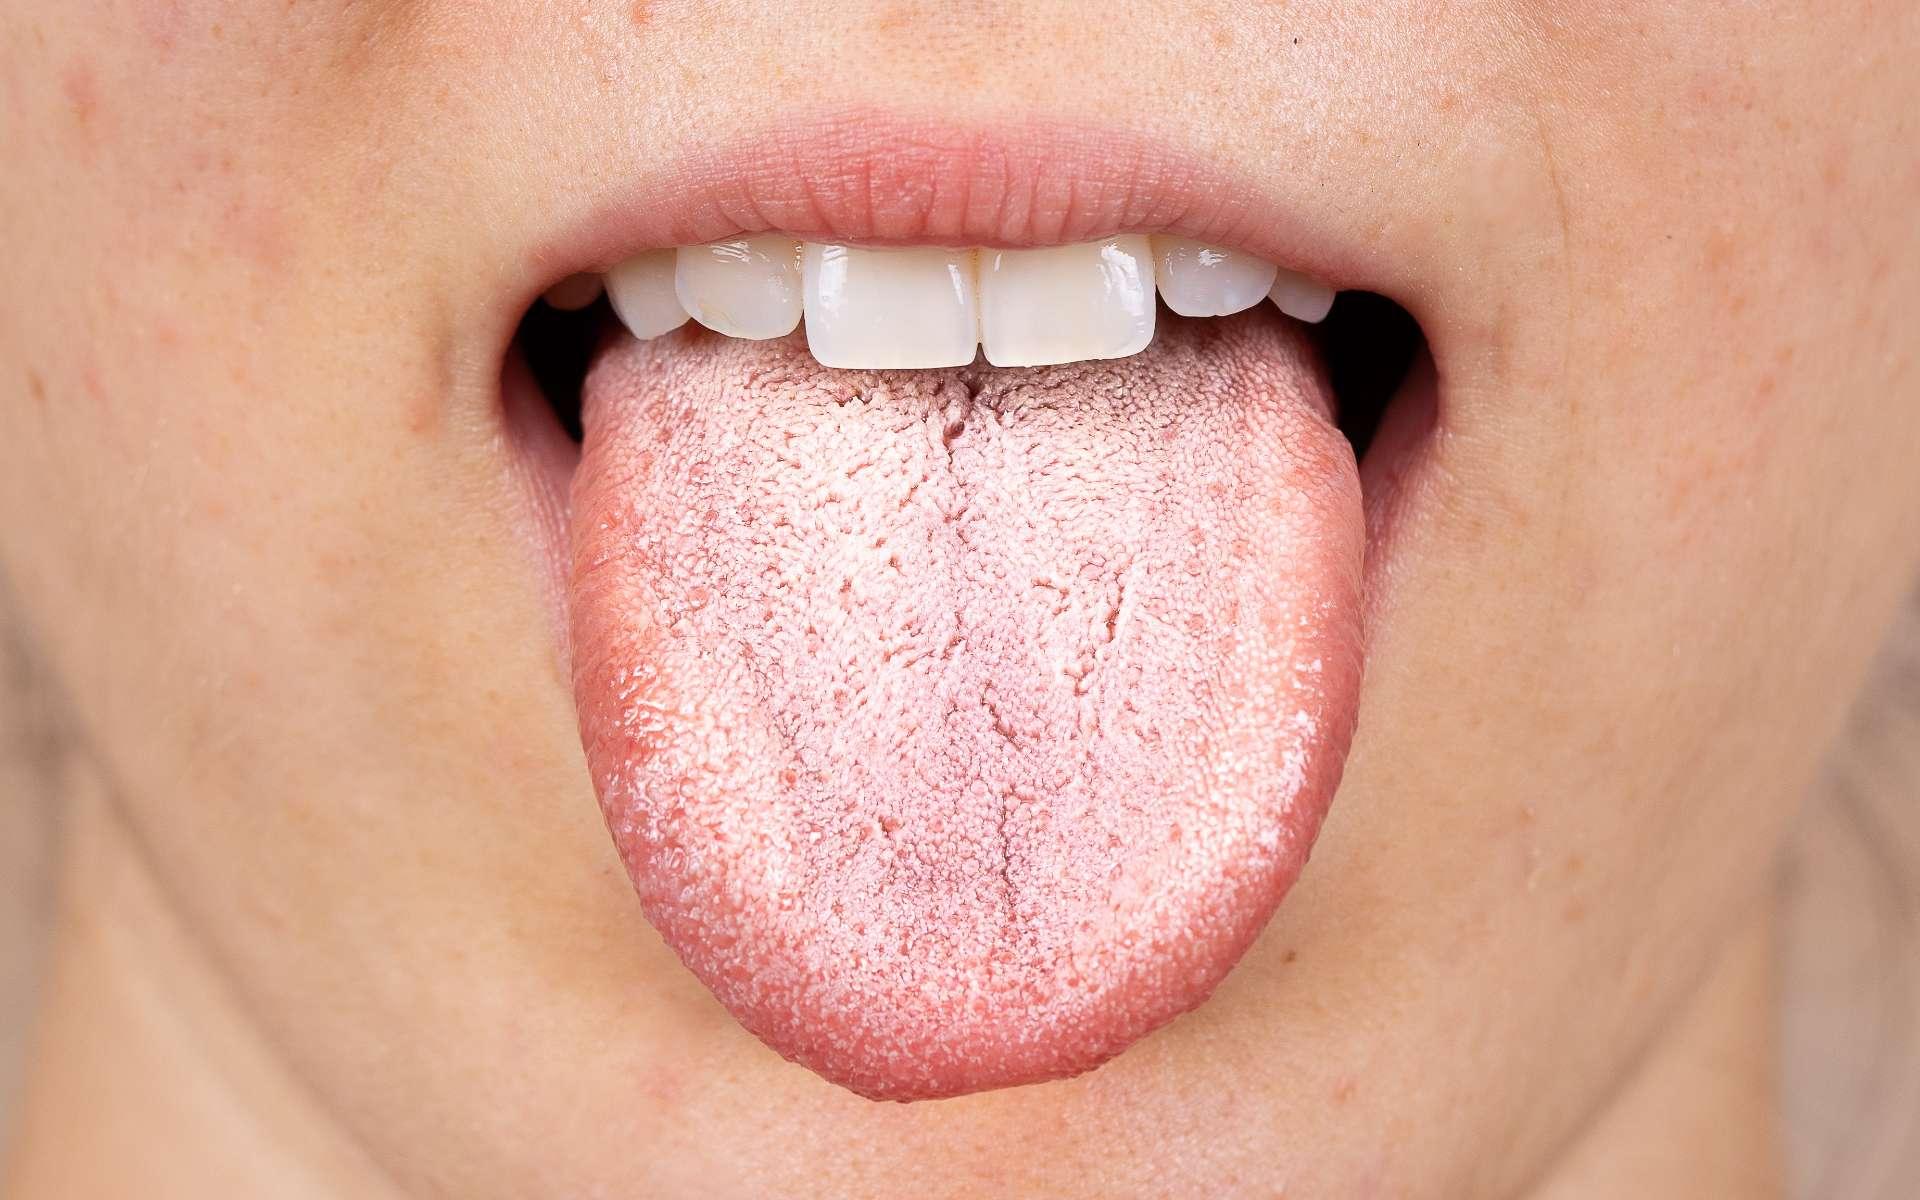 Certains patients atteints de la Covid-19 peuvent présenter des symptômes buccaux, notamment sur la langue. © Alessandro Grandini, Adobe Stock